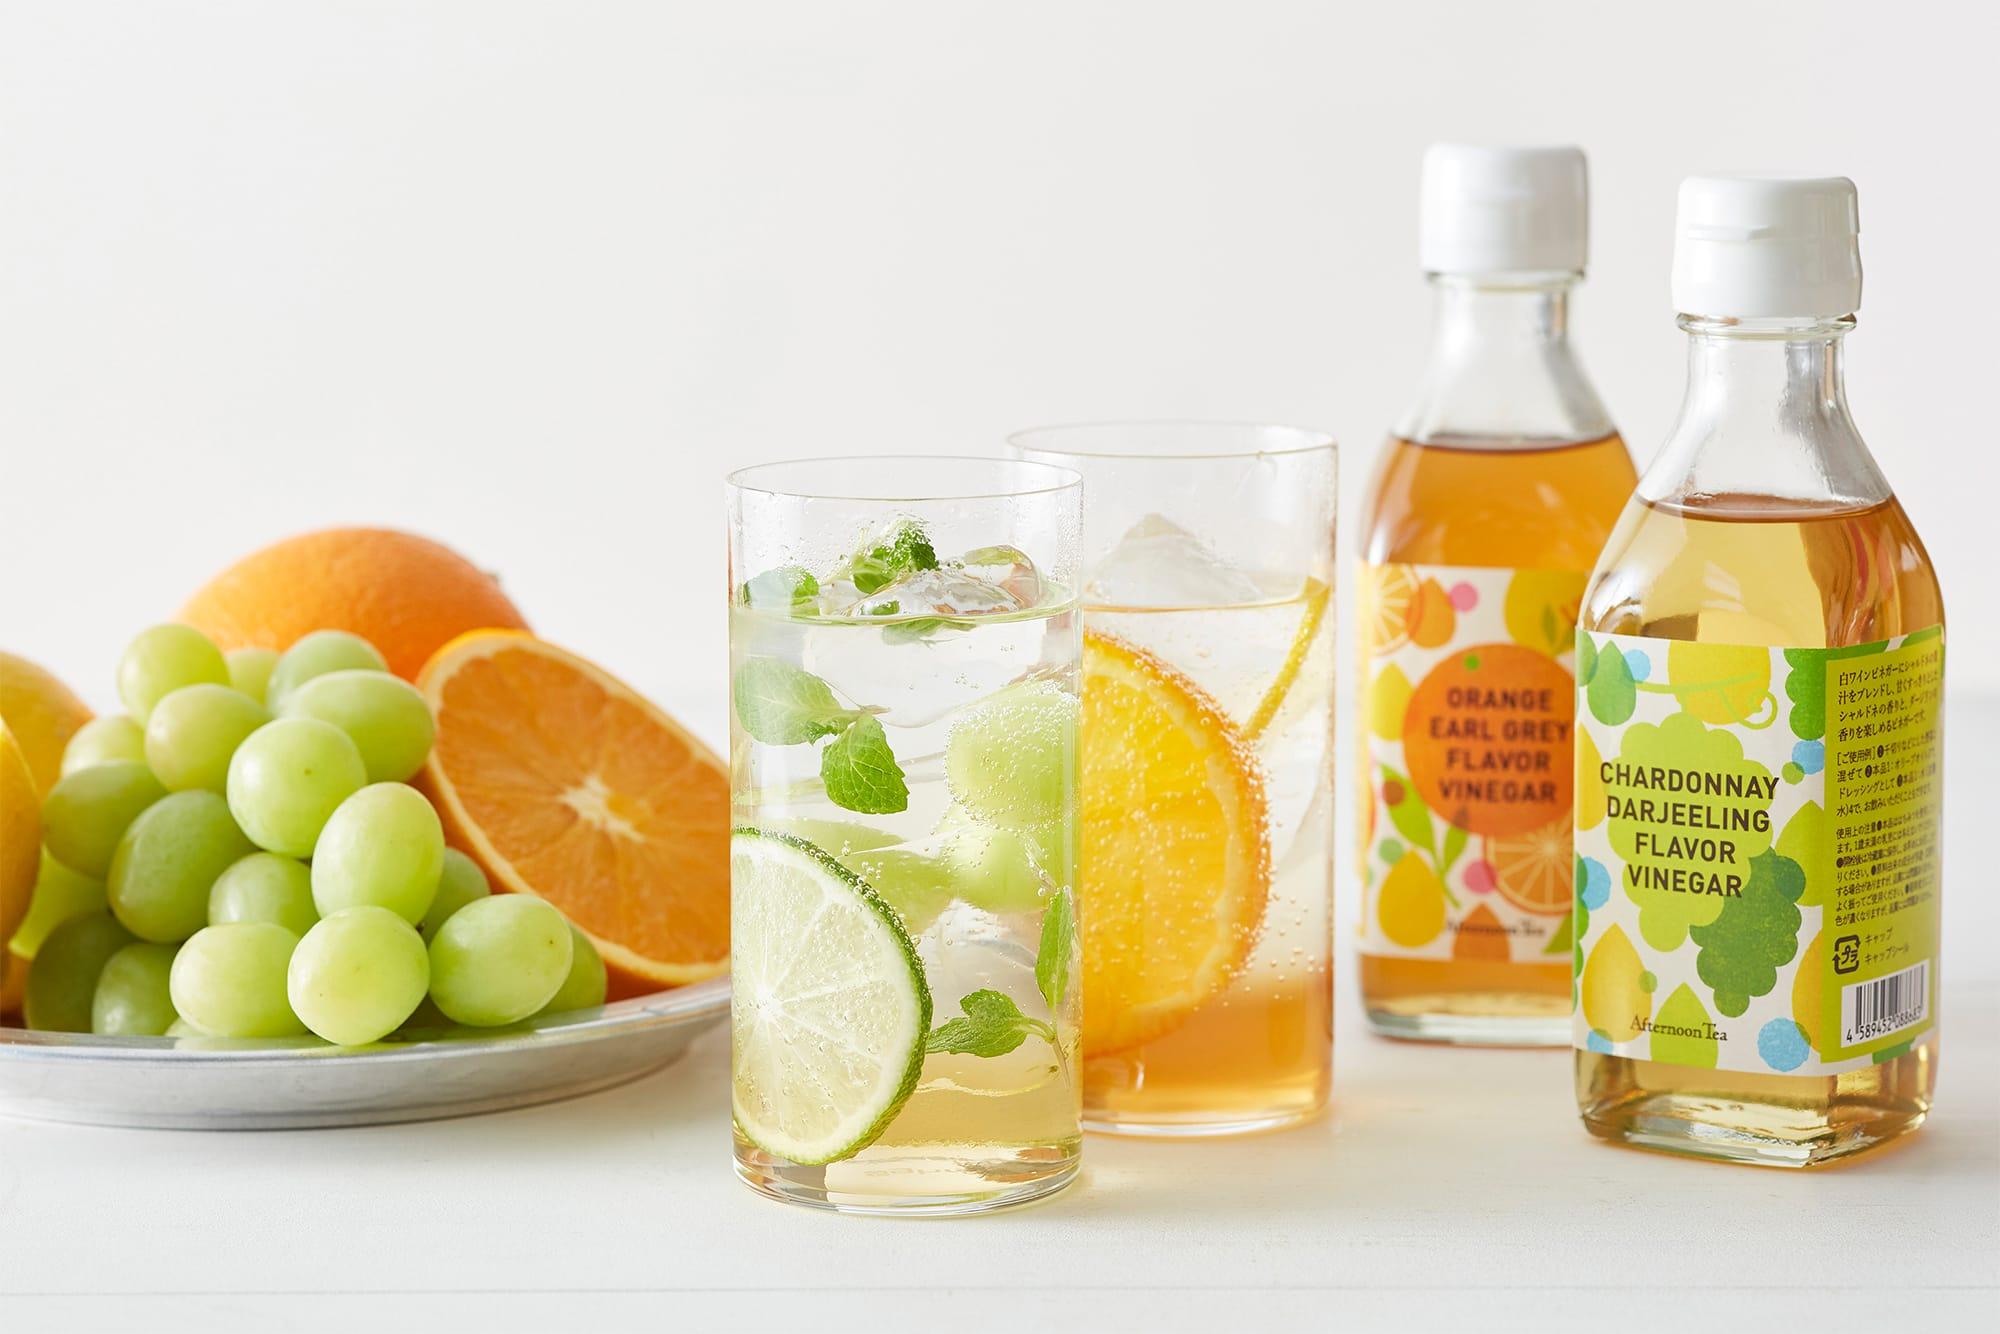 白ワインビネガーにシャルドネ果汁をブレンドした「シャルドネダージリンフレーバービネガー」と、ブラッドオレンジビネガーがベースの「オレンジアールグレイフレーバービネガー」の2種類。